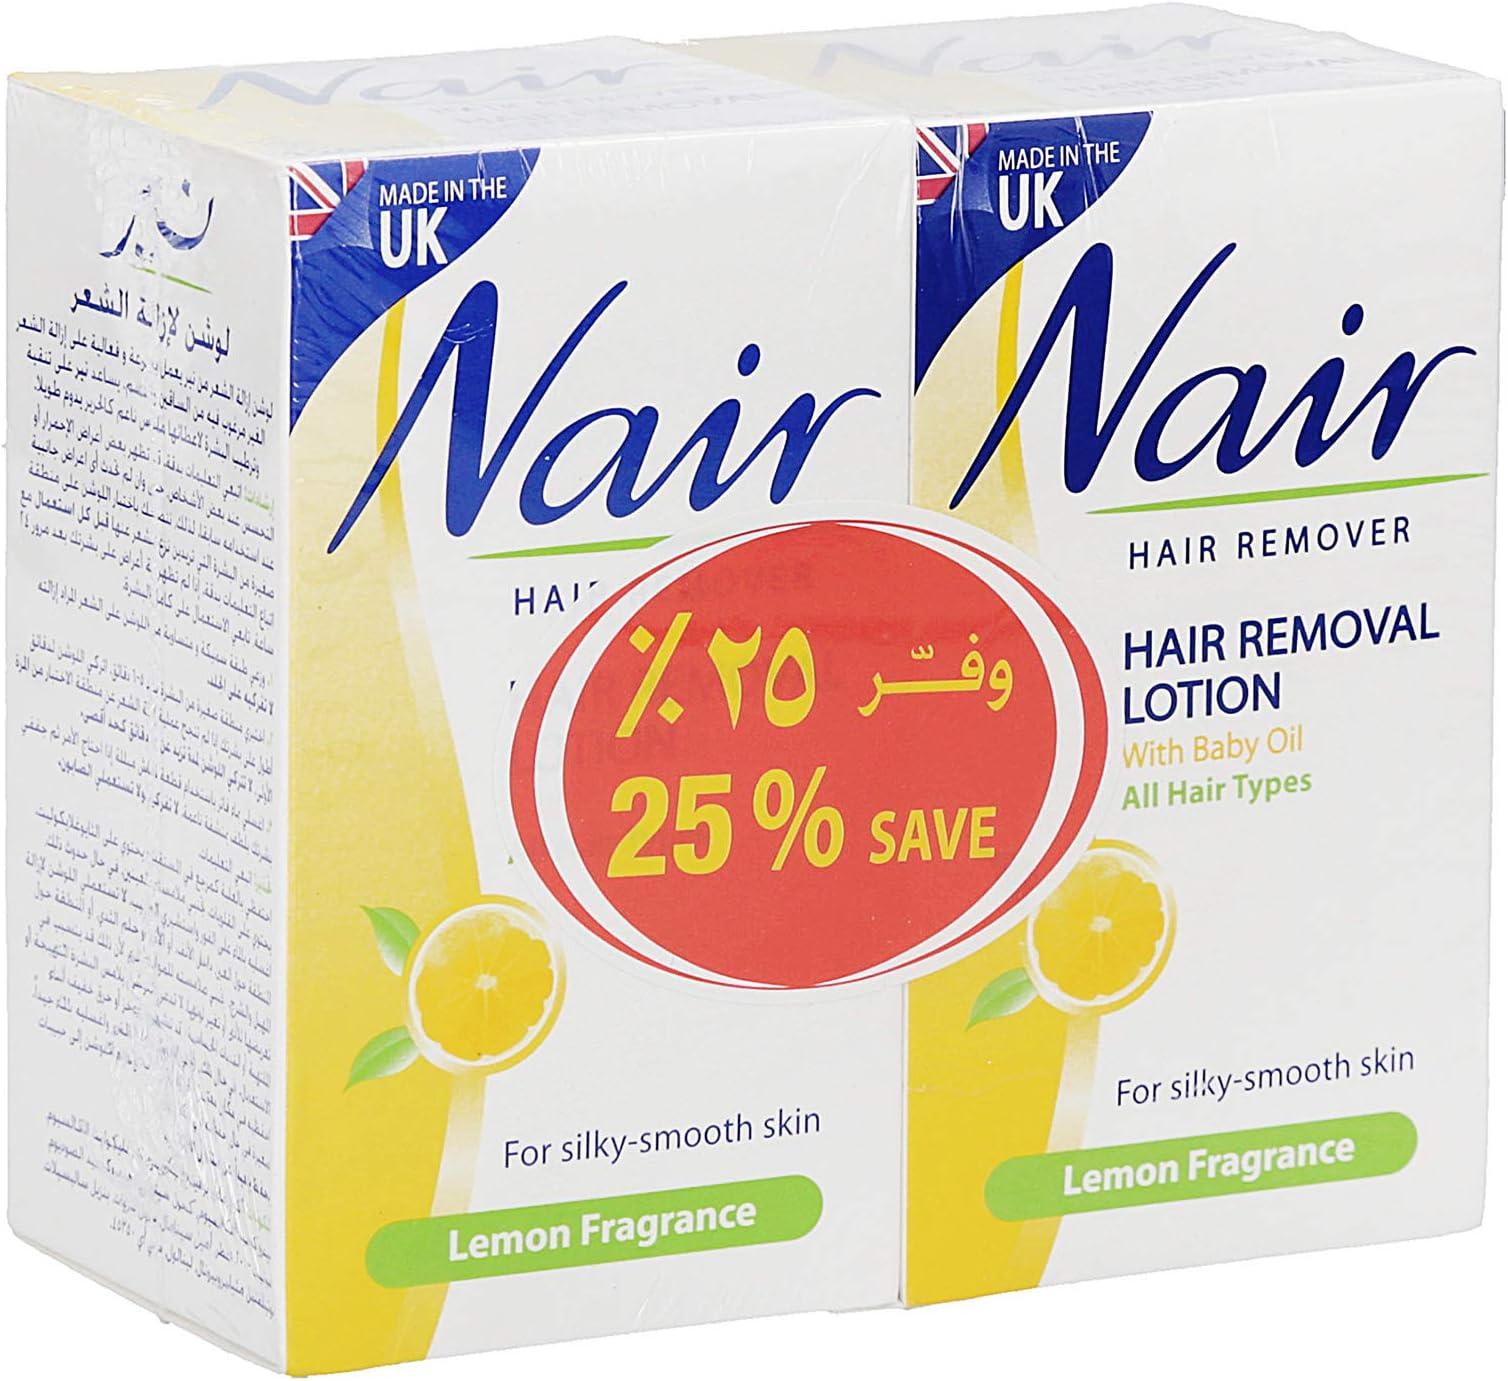 Nair Lemon Jar Hair Remover 2 X 120ml Price In Uae Amazon Uae